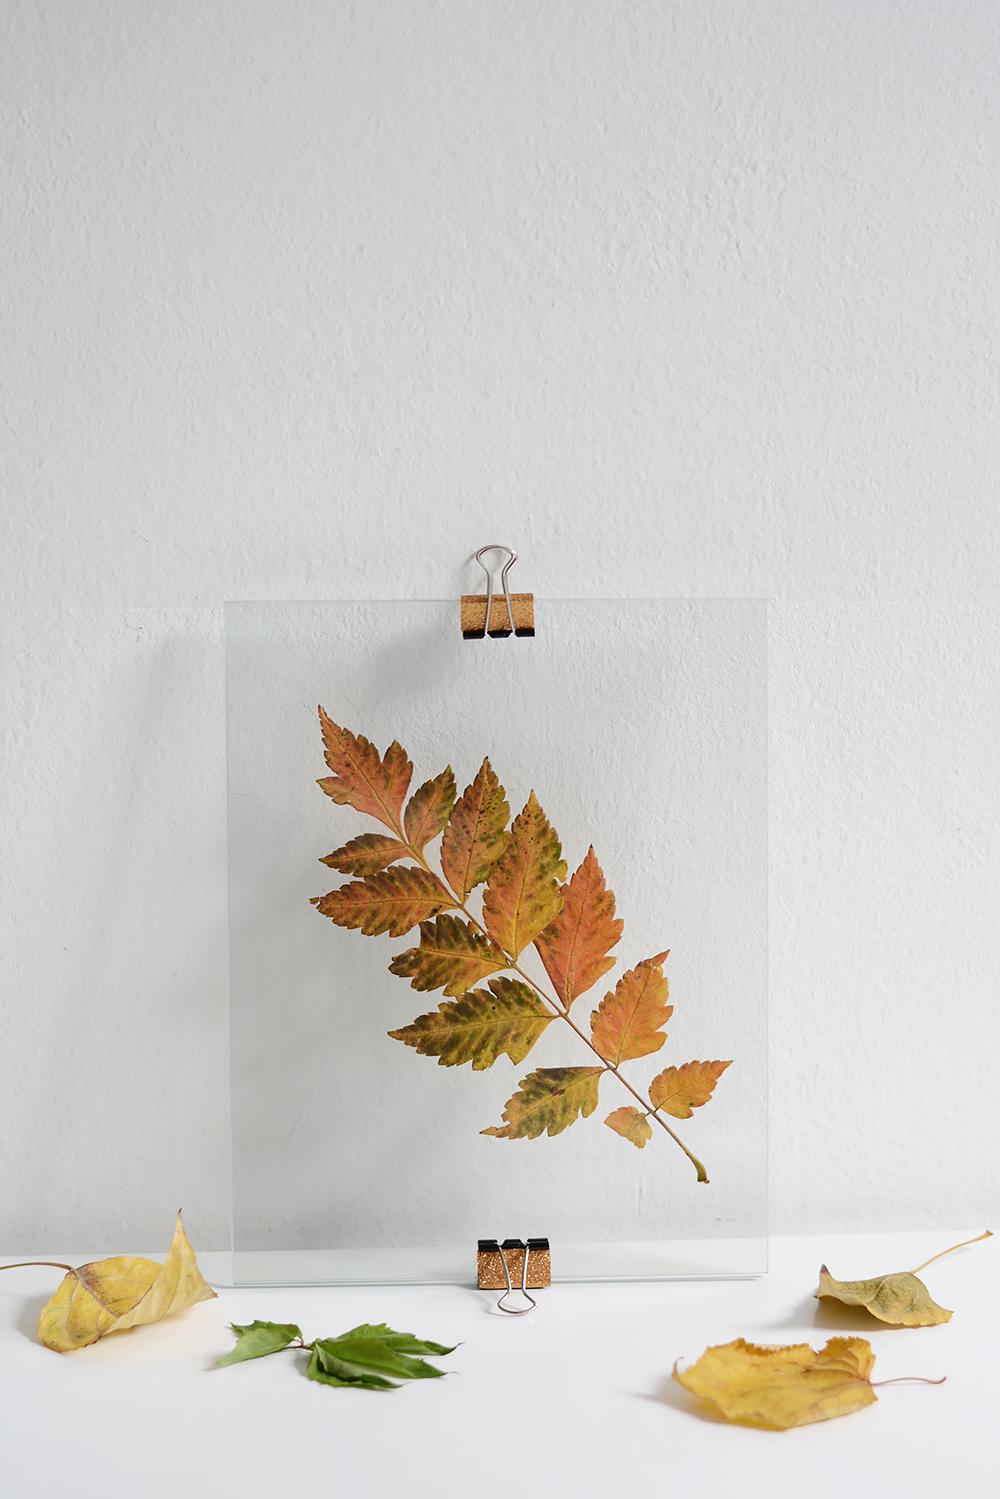 Glas-Bilderrahmen mit Herbstblättern | we love handmade